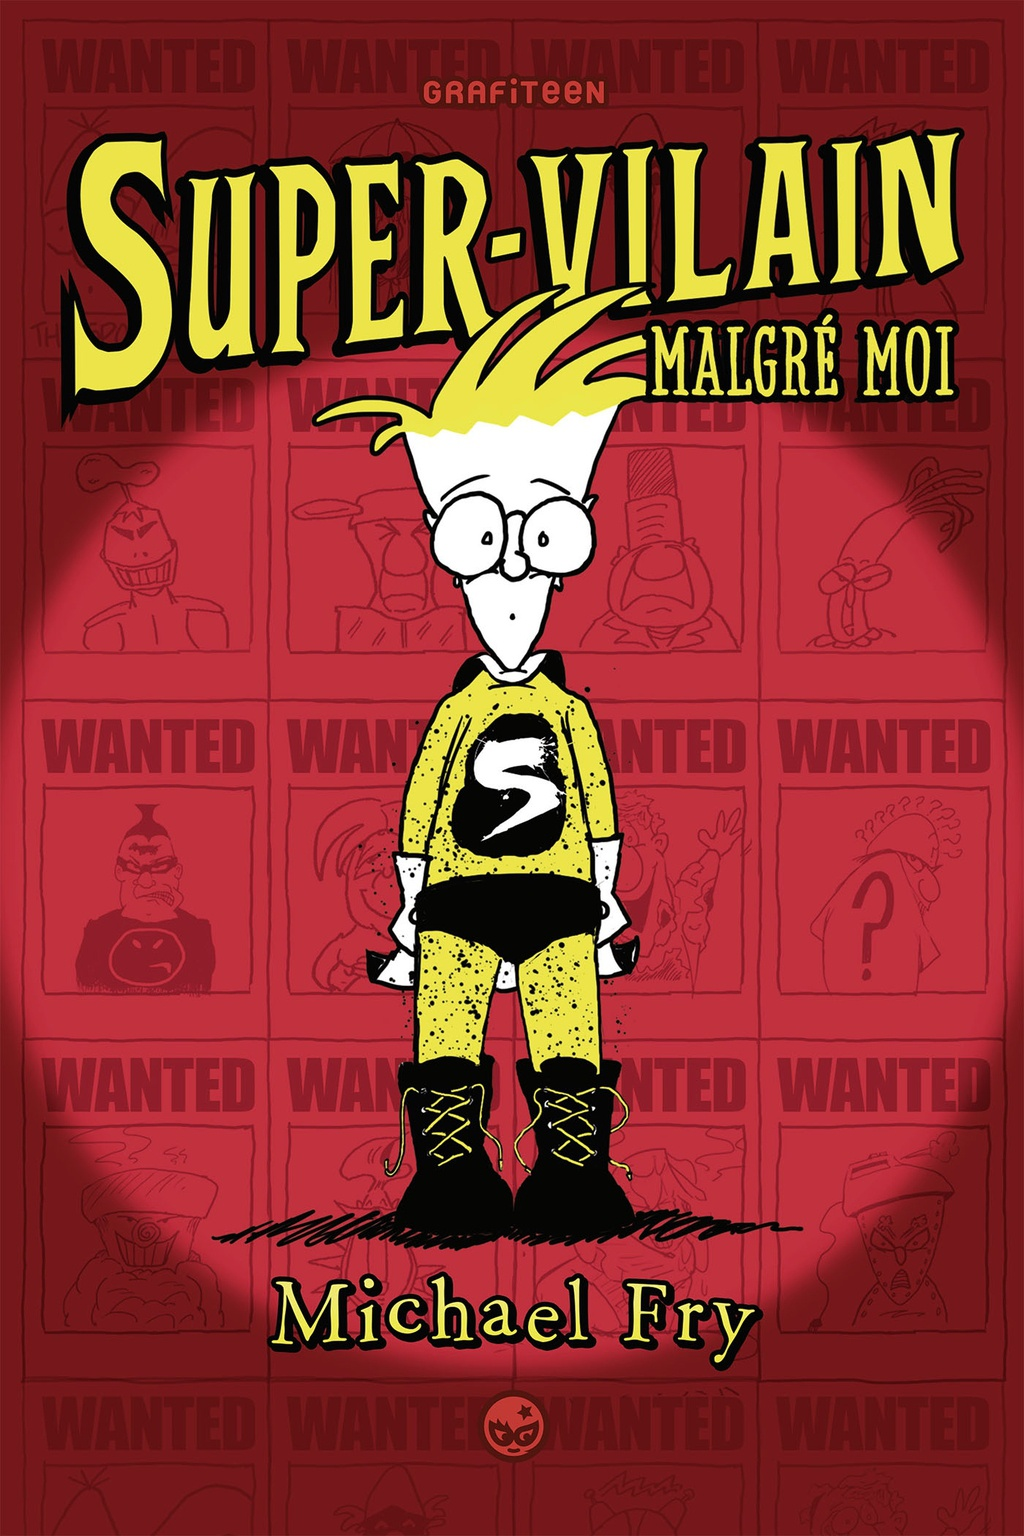 Super-vilain malgré moi, de Michael Fry, éd. Milan